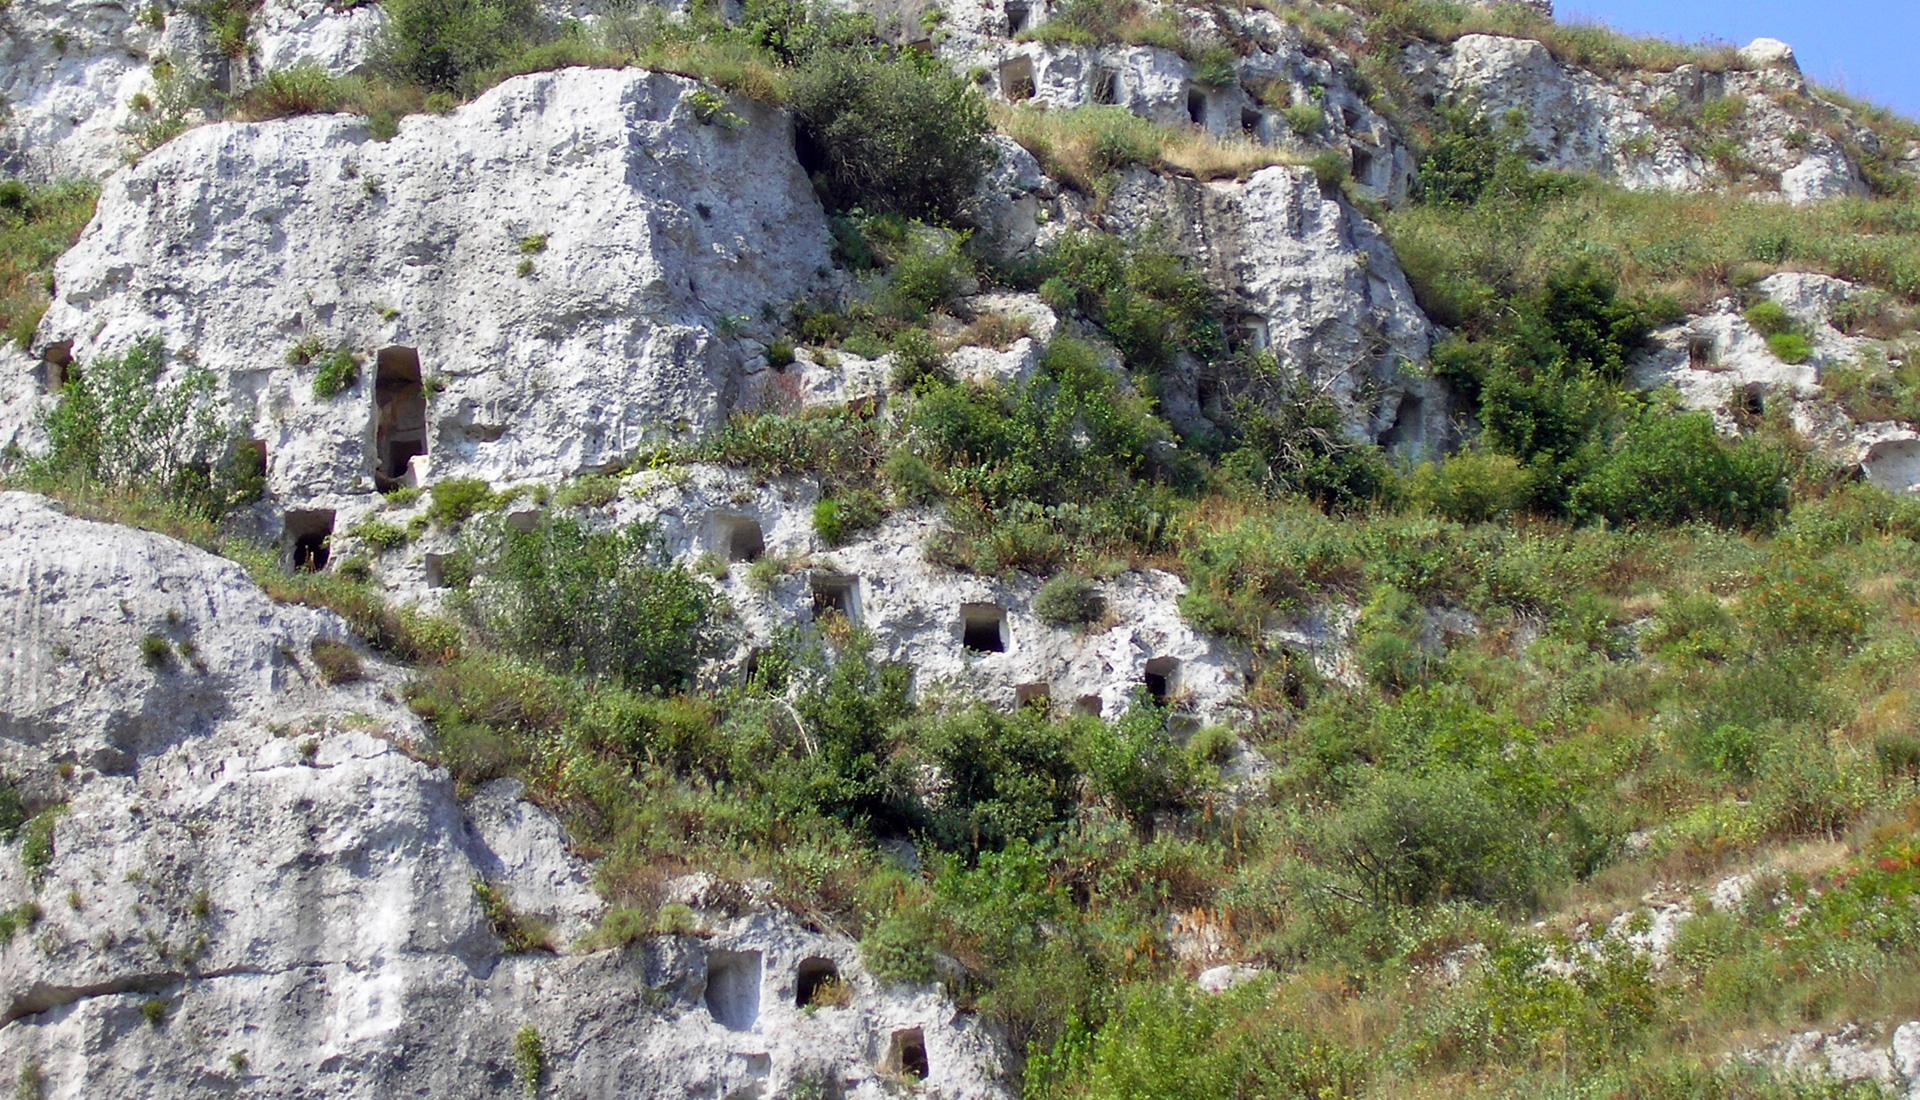 Necropoli Finocchito